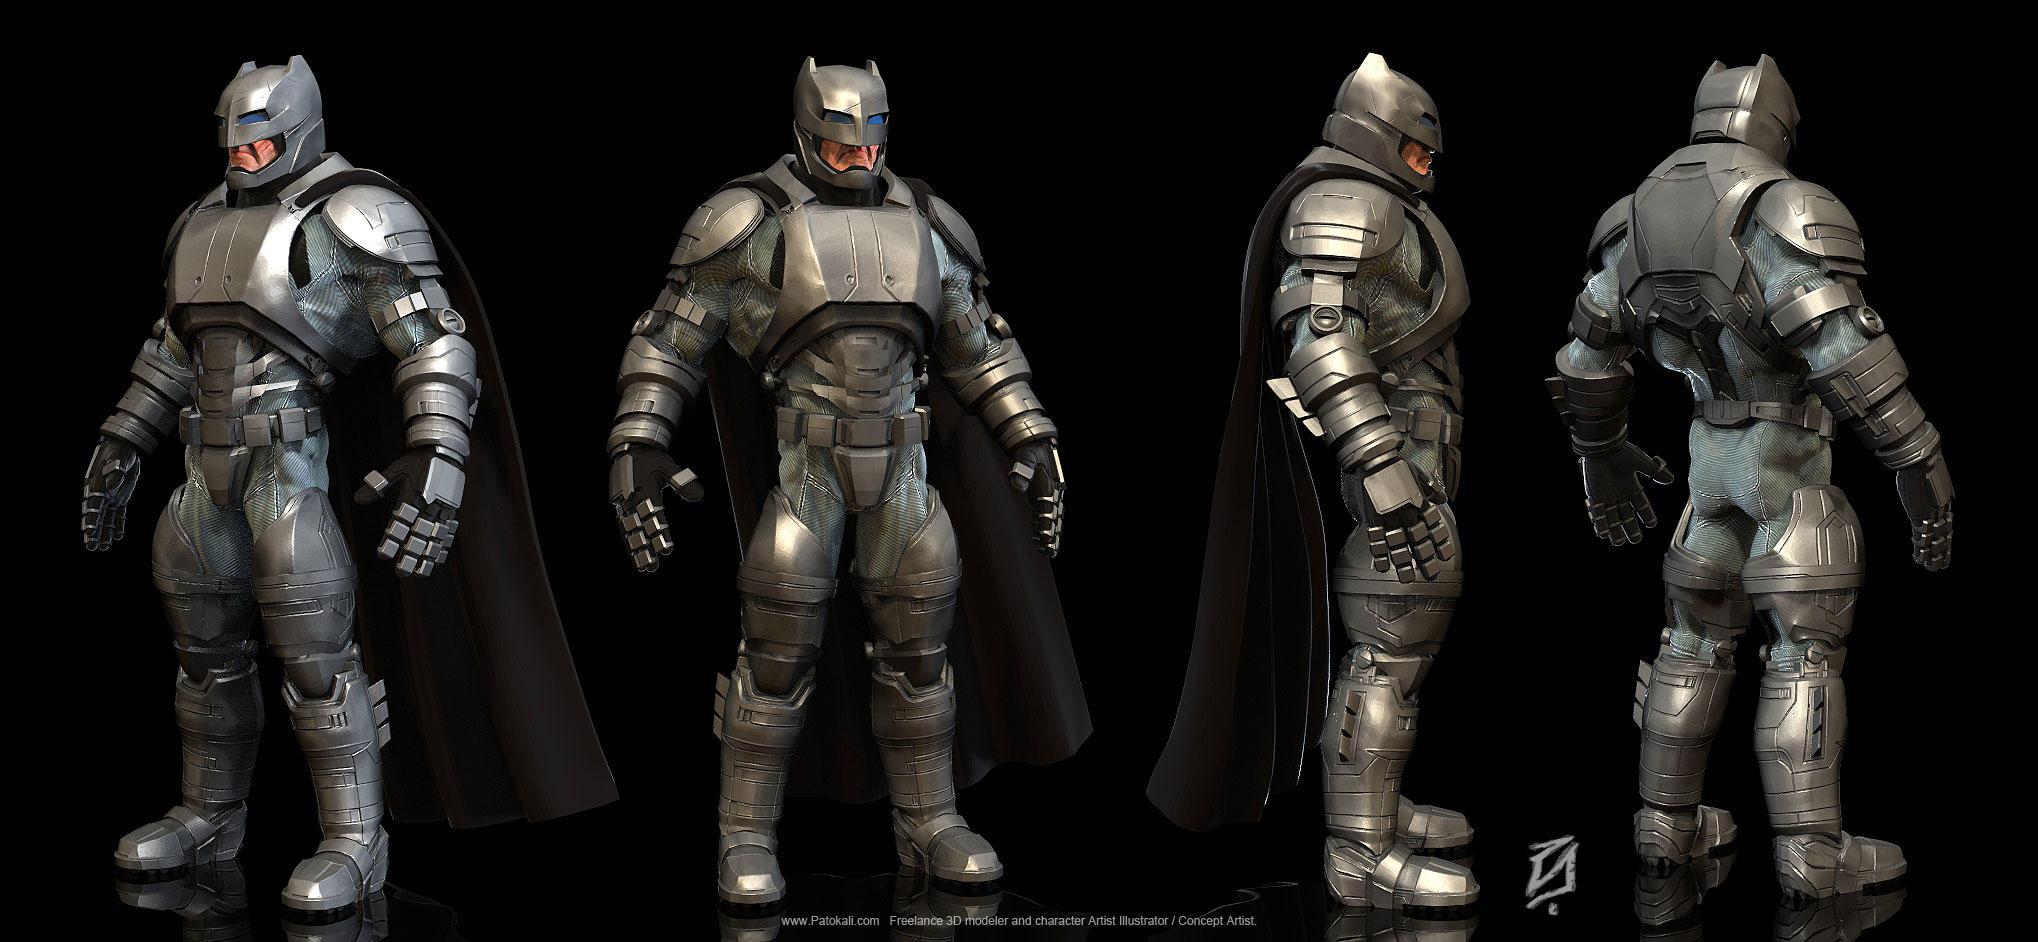 Batman-armor-suit2 by patokali